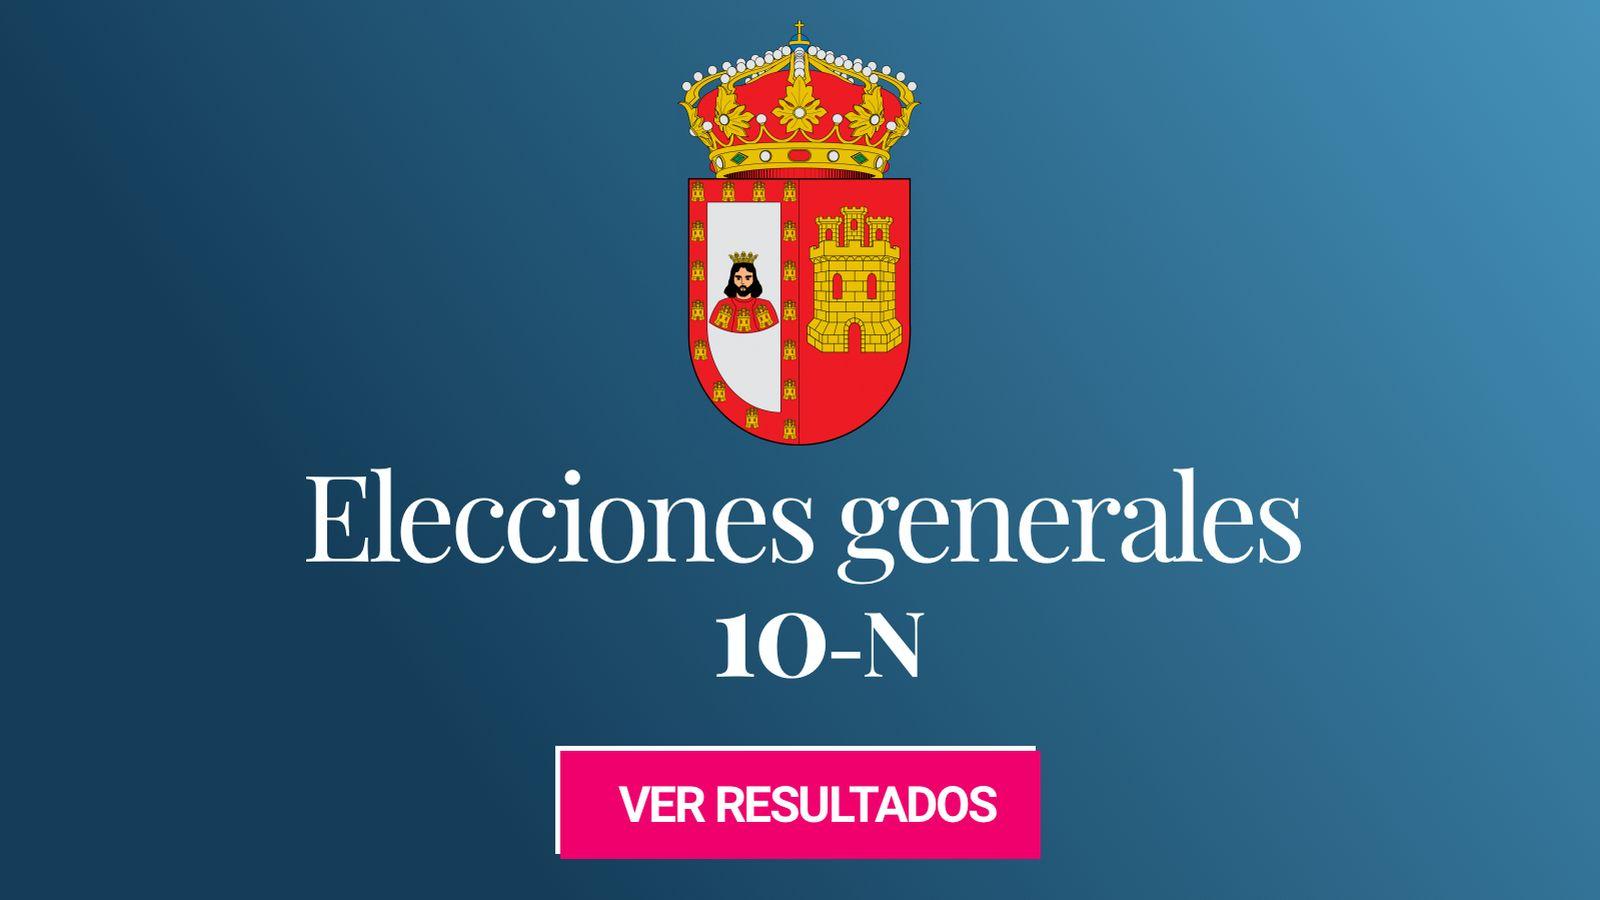 Foto: Elecciones generales 2019 en la provincia de Burgos. (C.C./SanchoPanzaXXI)